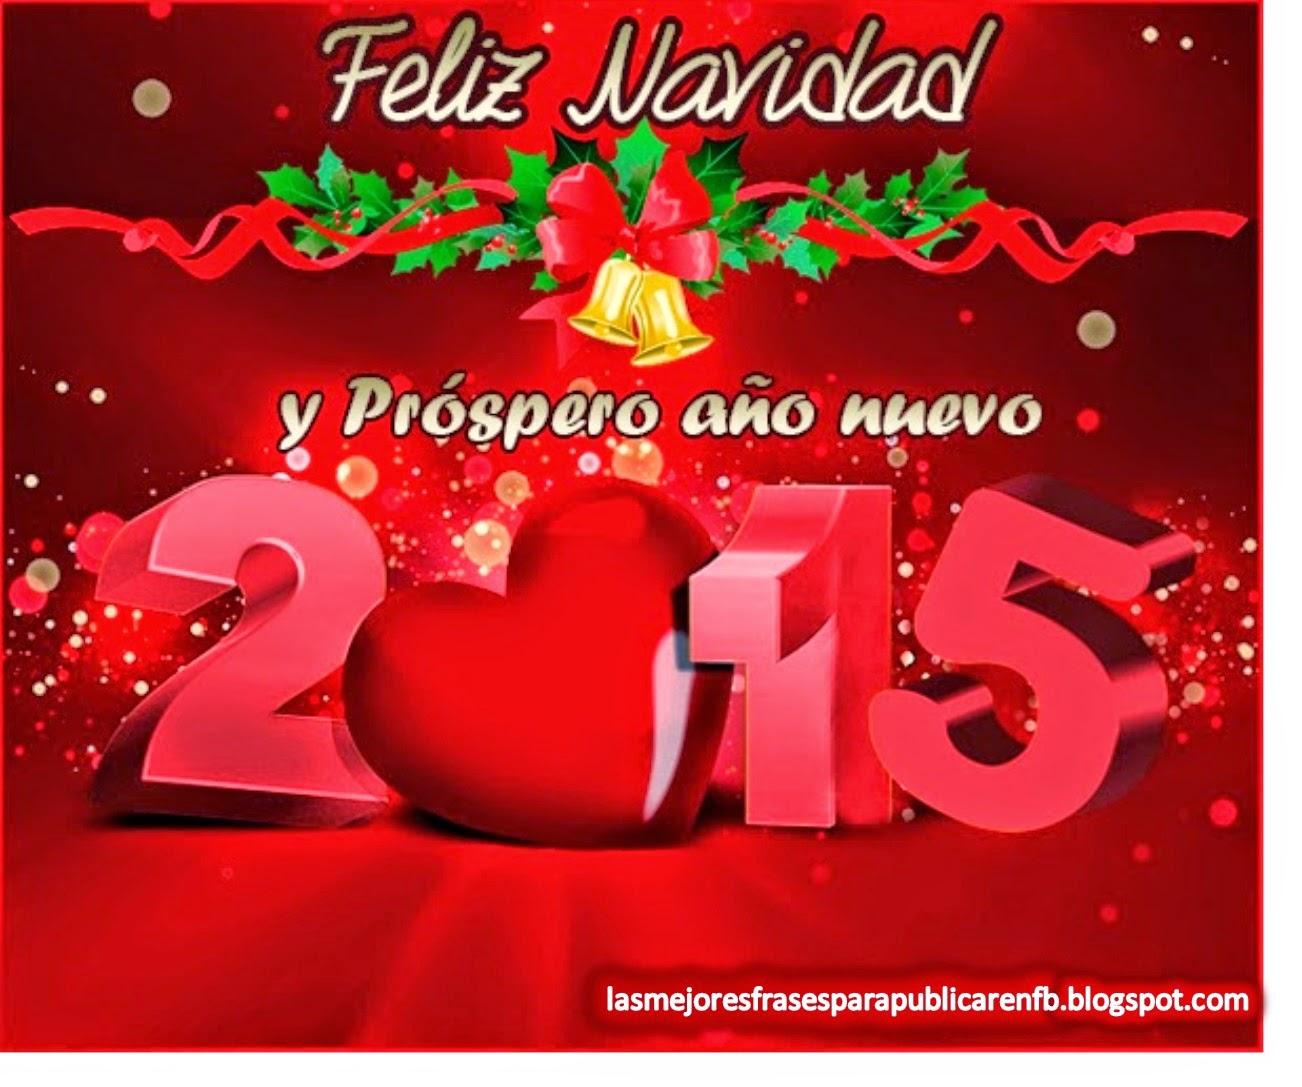 Frases De Navidad Y Año Nuevo: Feliz Navidad Y Próspero Año Nuevo 2015